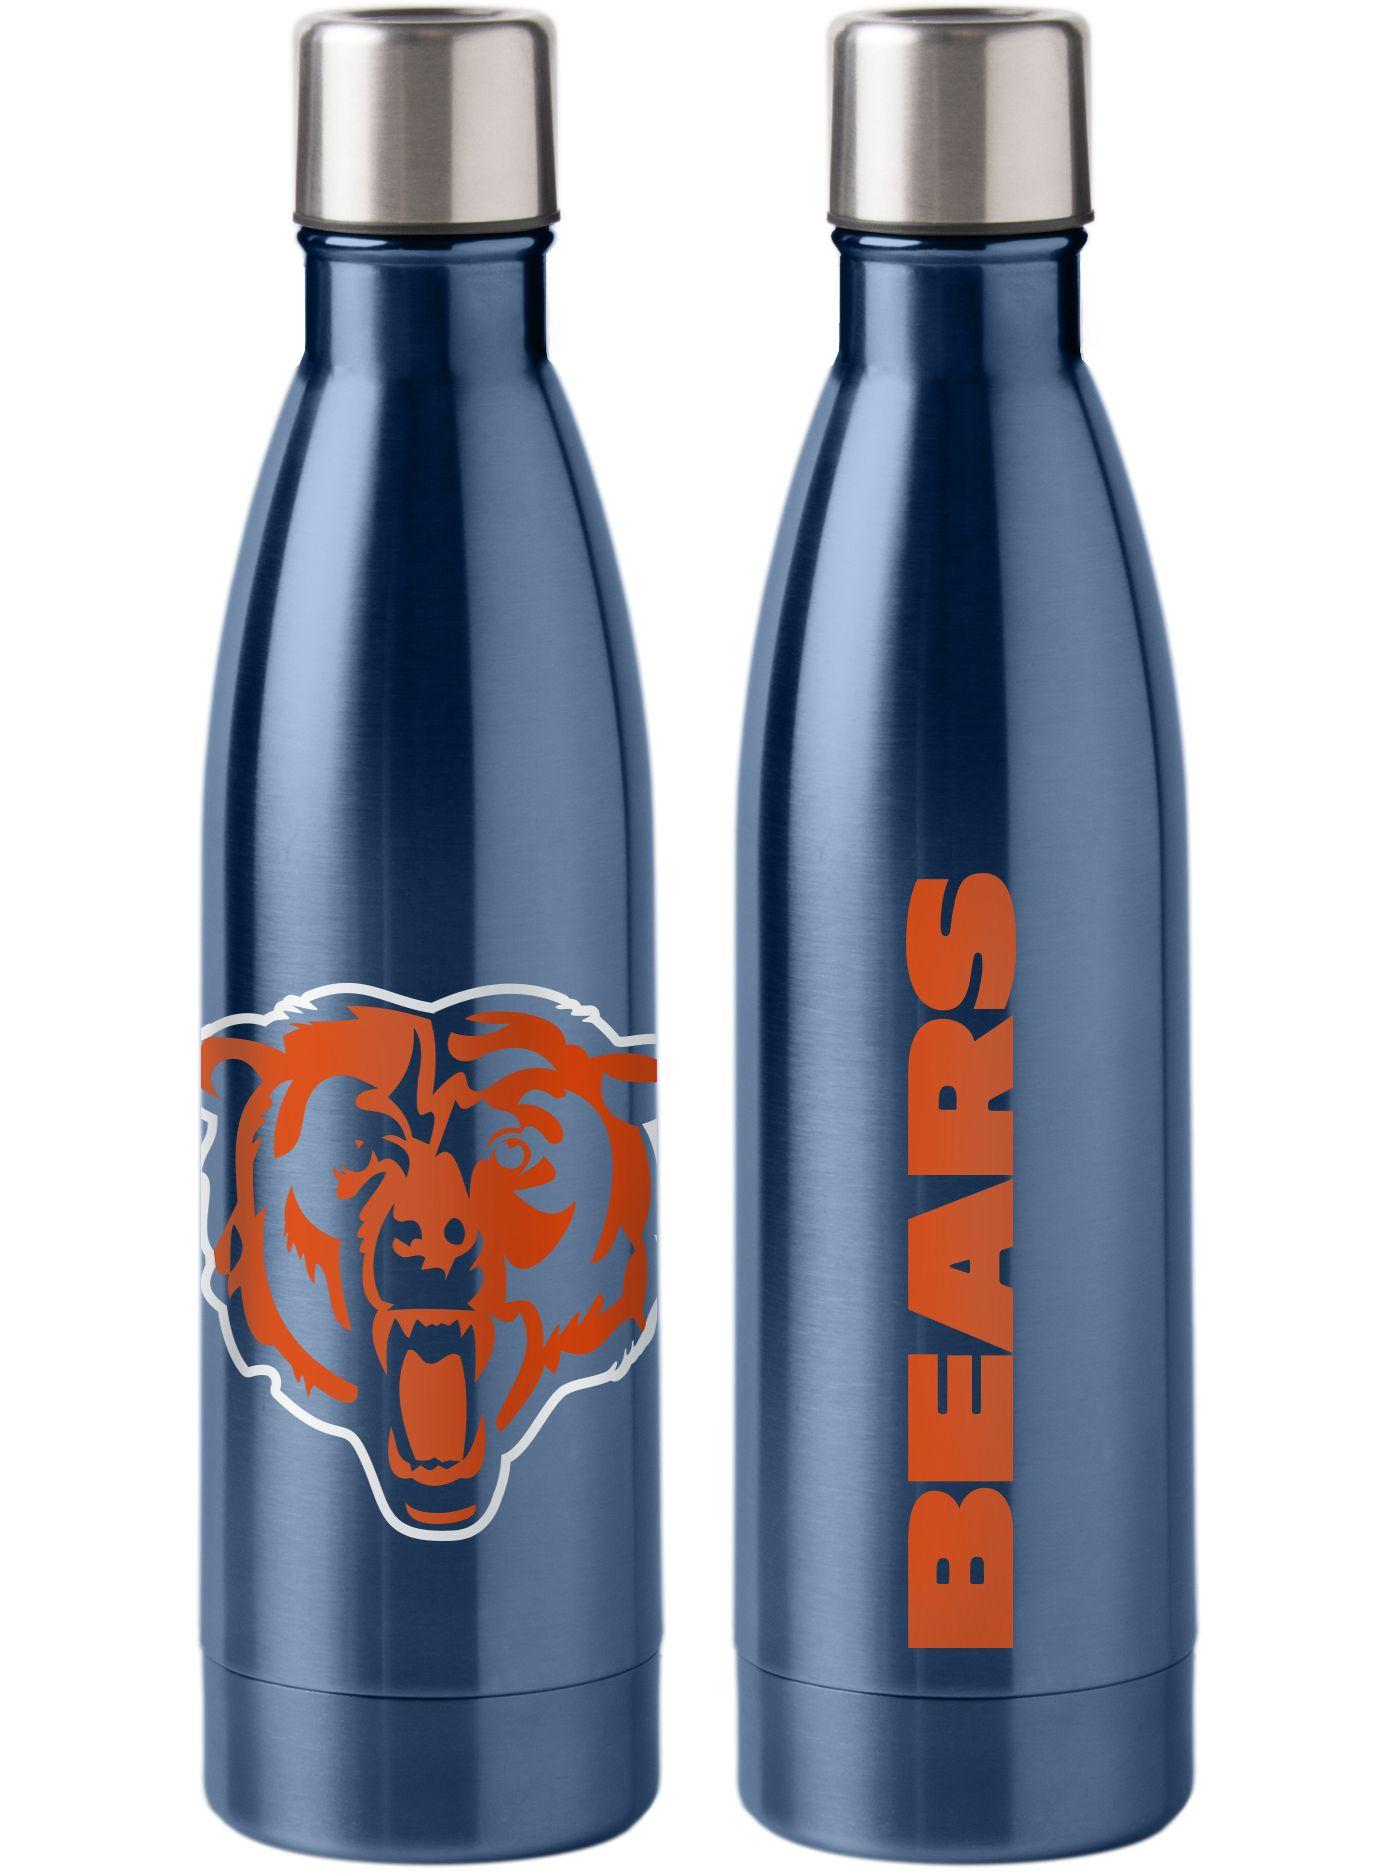 Boelter Chicago Bears Stainless Steel Water Bottle